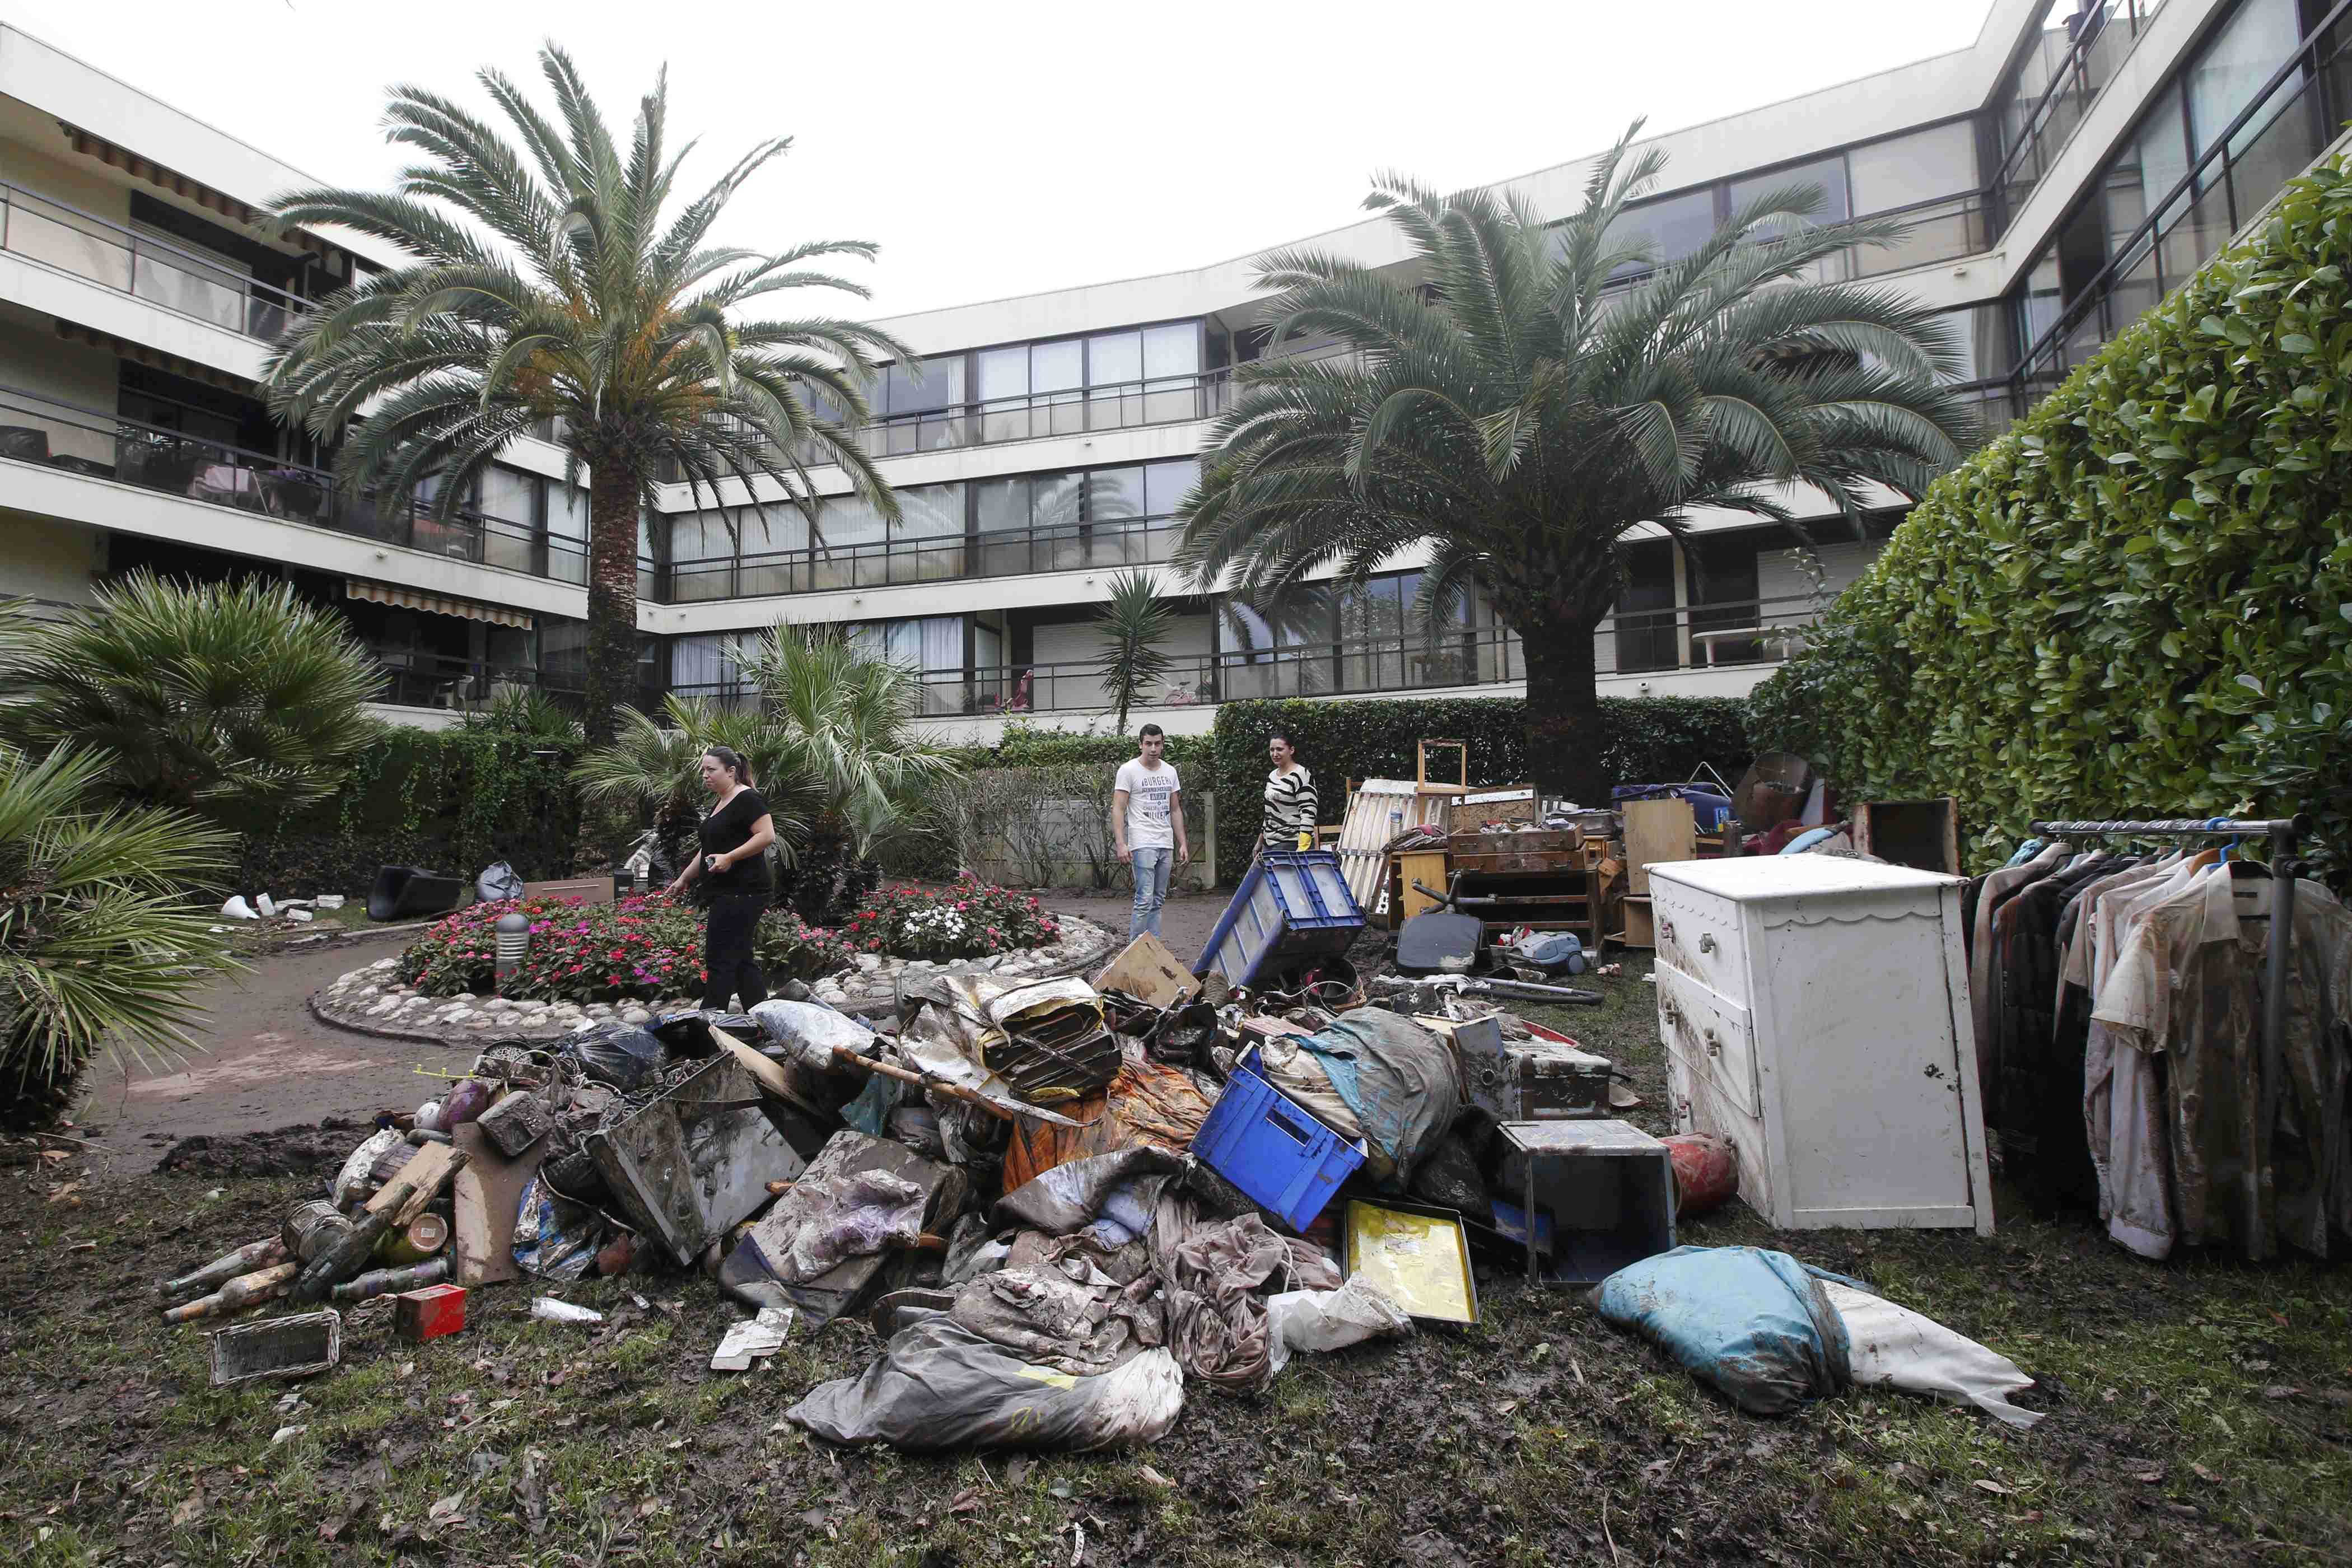 Harta benda dan furnitur warga yang rusak akibat air diletakkan di luar gedung apartemen setelah terjadi banjir akibat hujan lebat di Mandelieu-La di Napoule, Perancis, Senin (5/10). Empat orang masih hilang akibat banjir bandang di French Riviera yang menewaskan 17 orang pekan ini,  memicu pemerintah mengumumkan bencana alam di bagian tenggara wilayah wisata. Sekitar 5.000 rumah belum mendapatkan listrik kembali pada Senin pagi setelah sebelumnya 70.000 rumah mengalamai padam. ANTARA FOTO/REUTERS/Jean-Paul Pelissier.